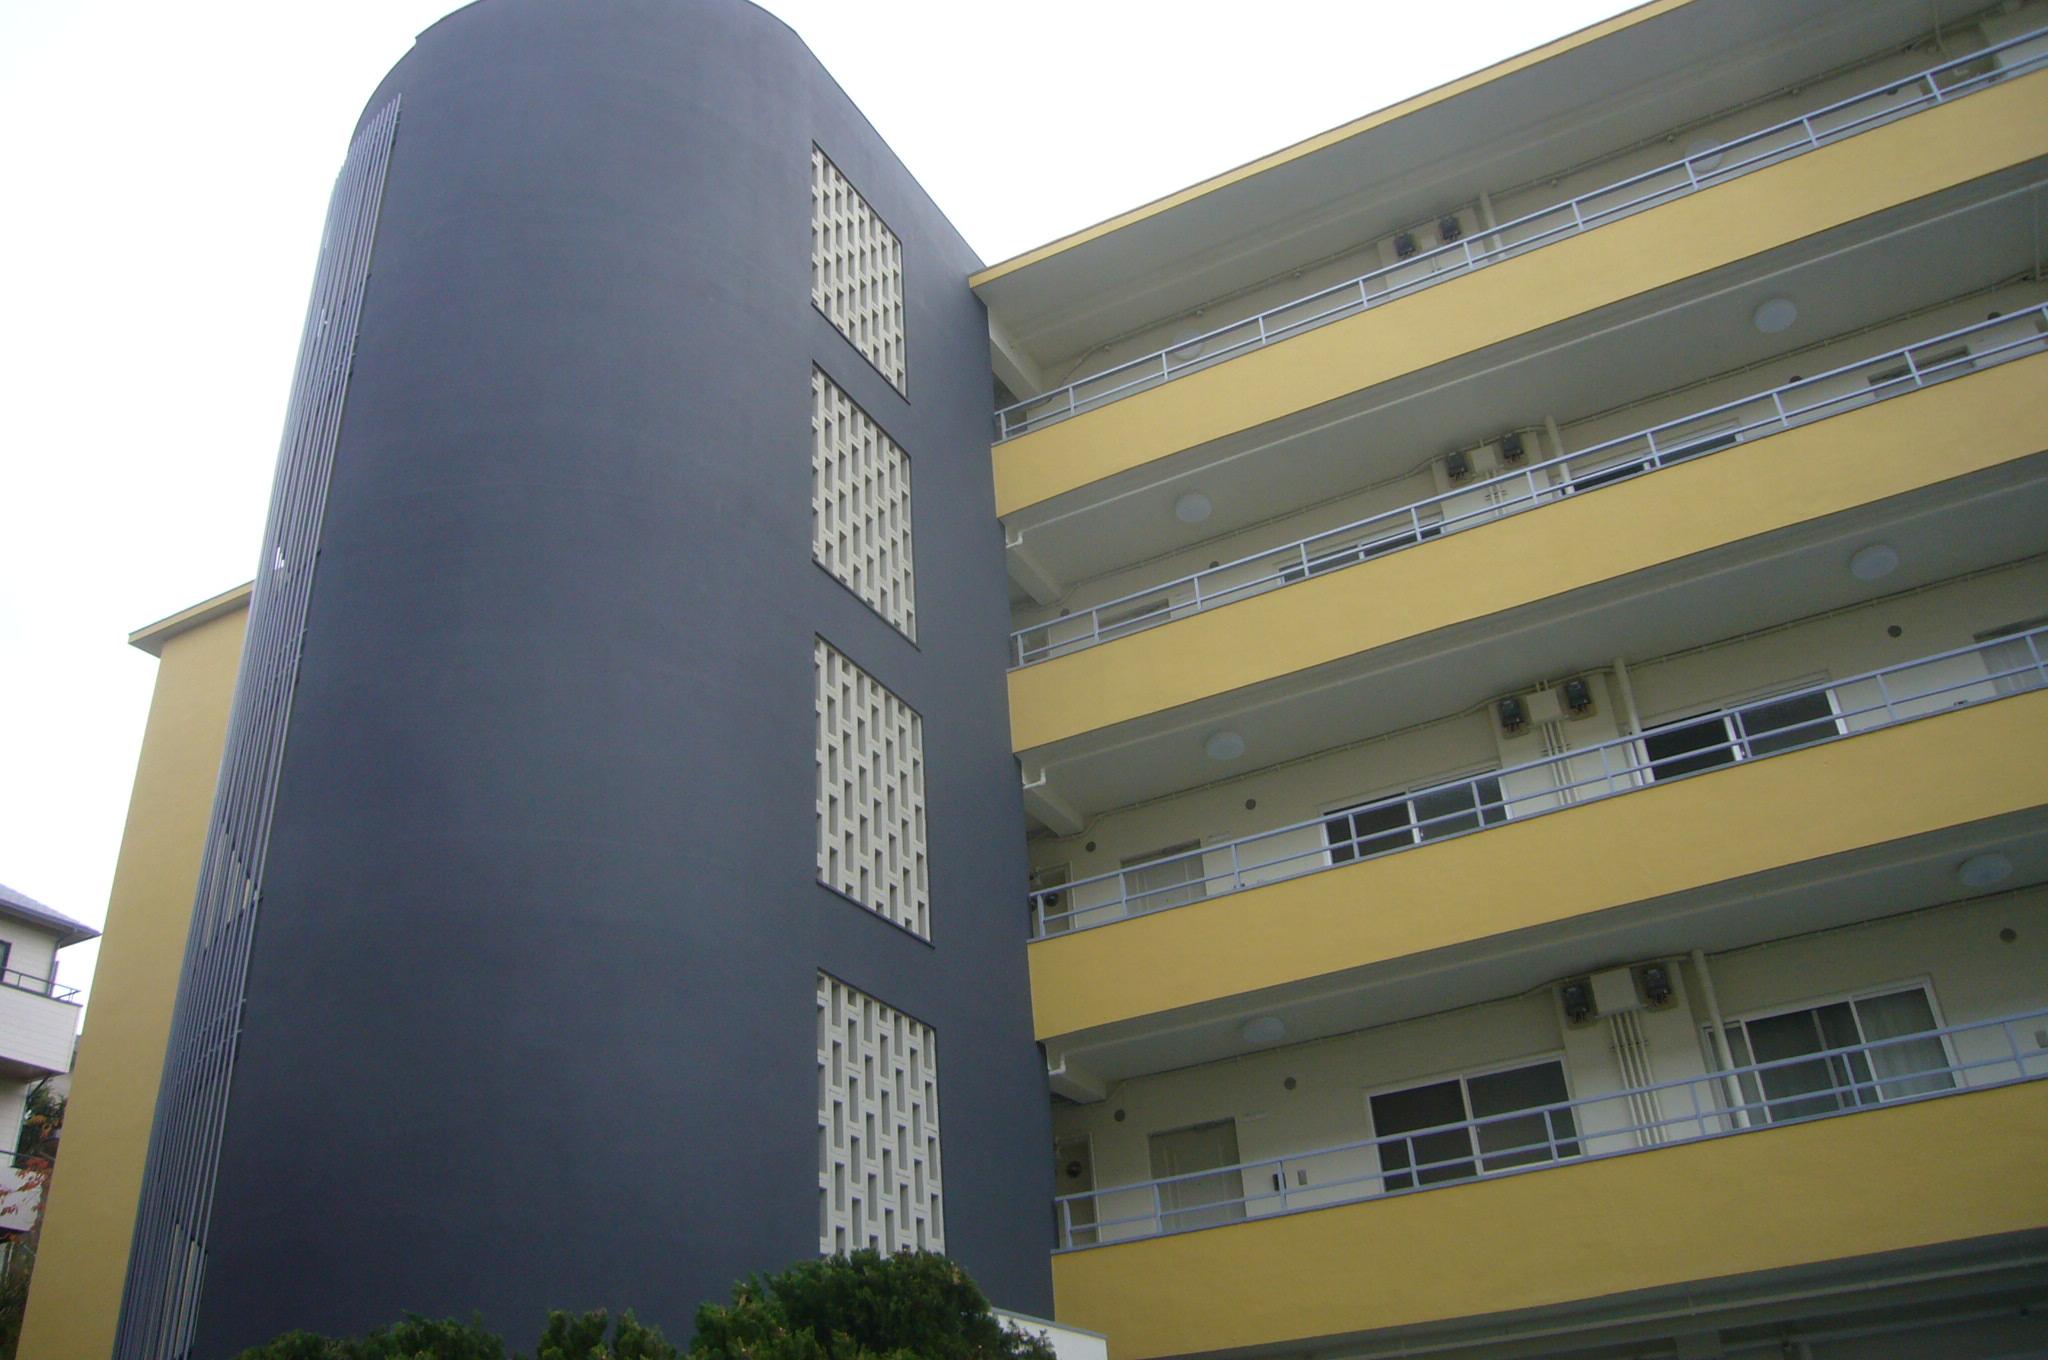 5階建て賃貸マンション施工後